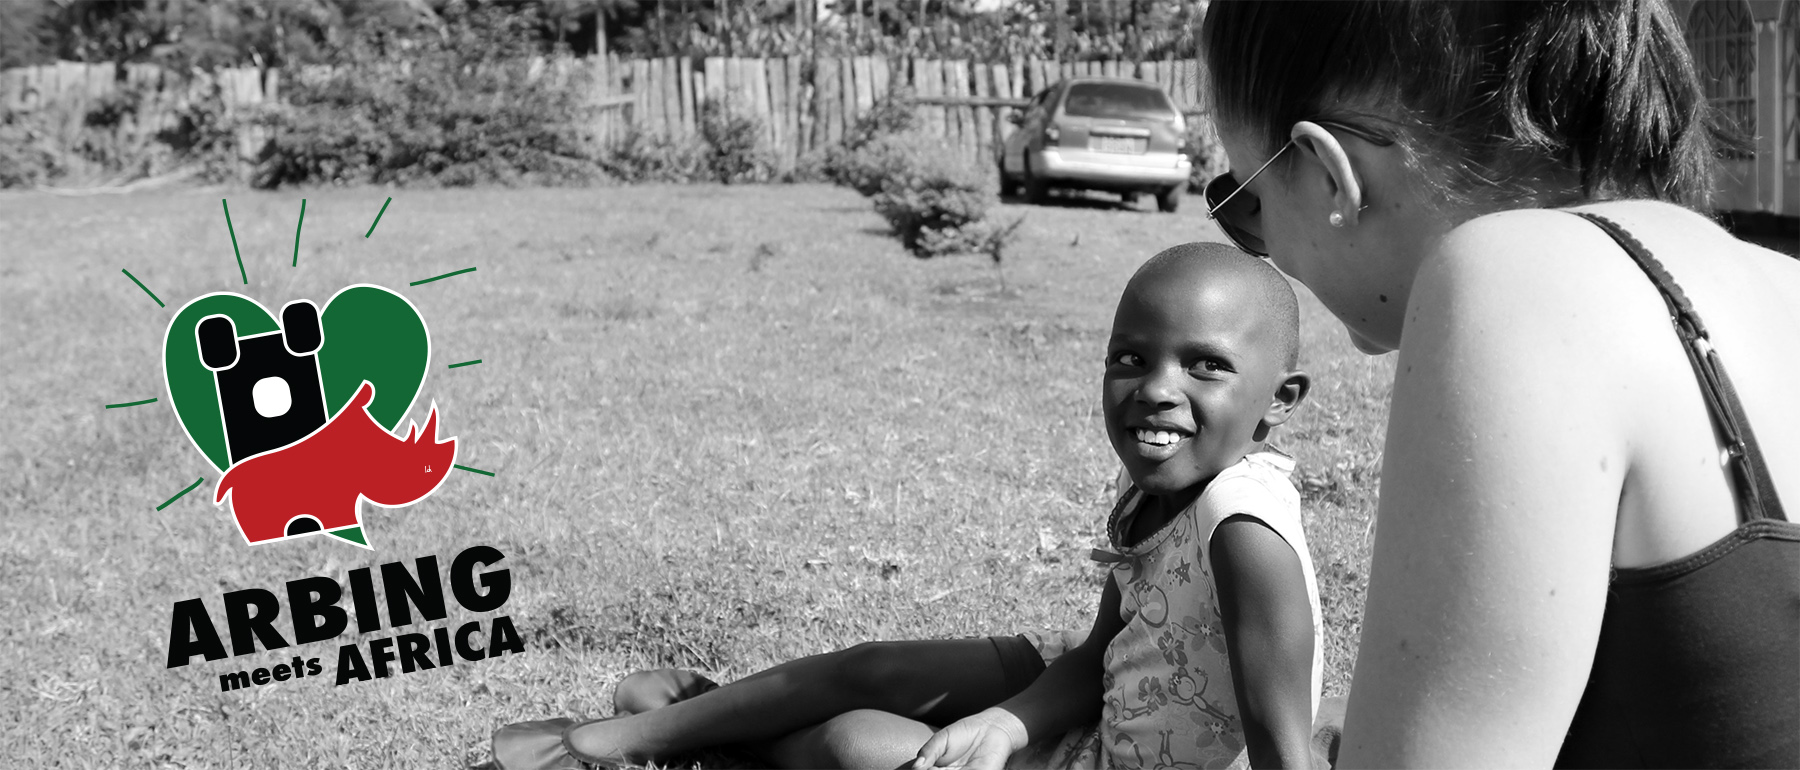 Arbing meets Africa